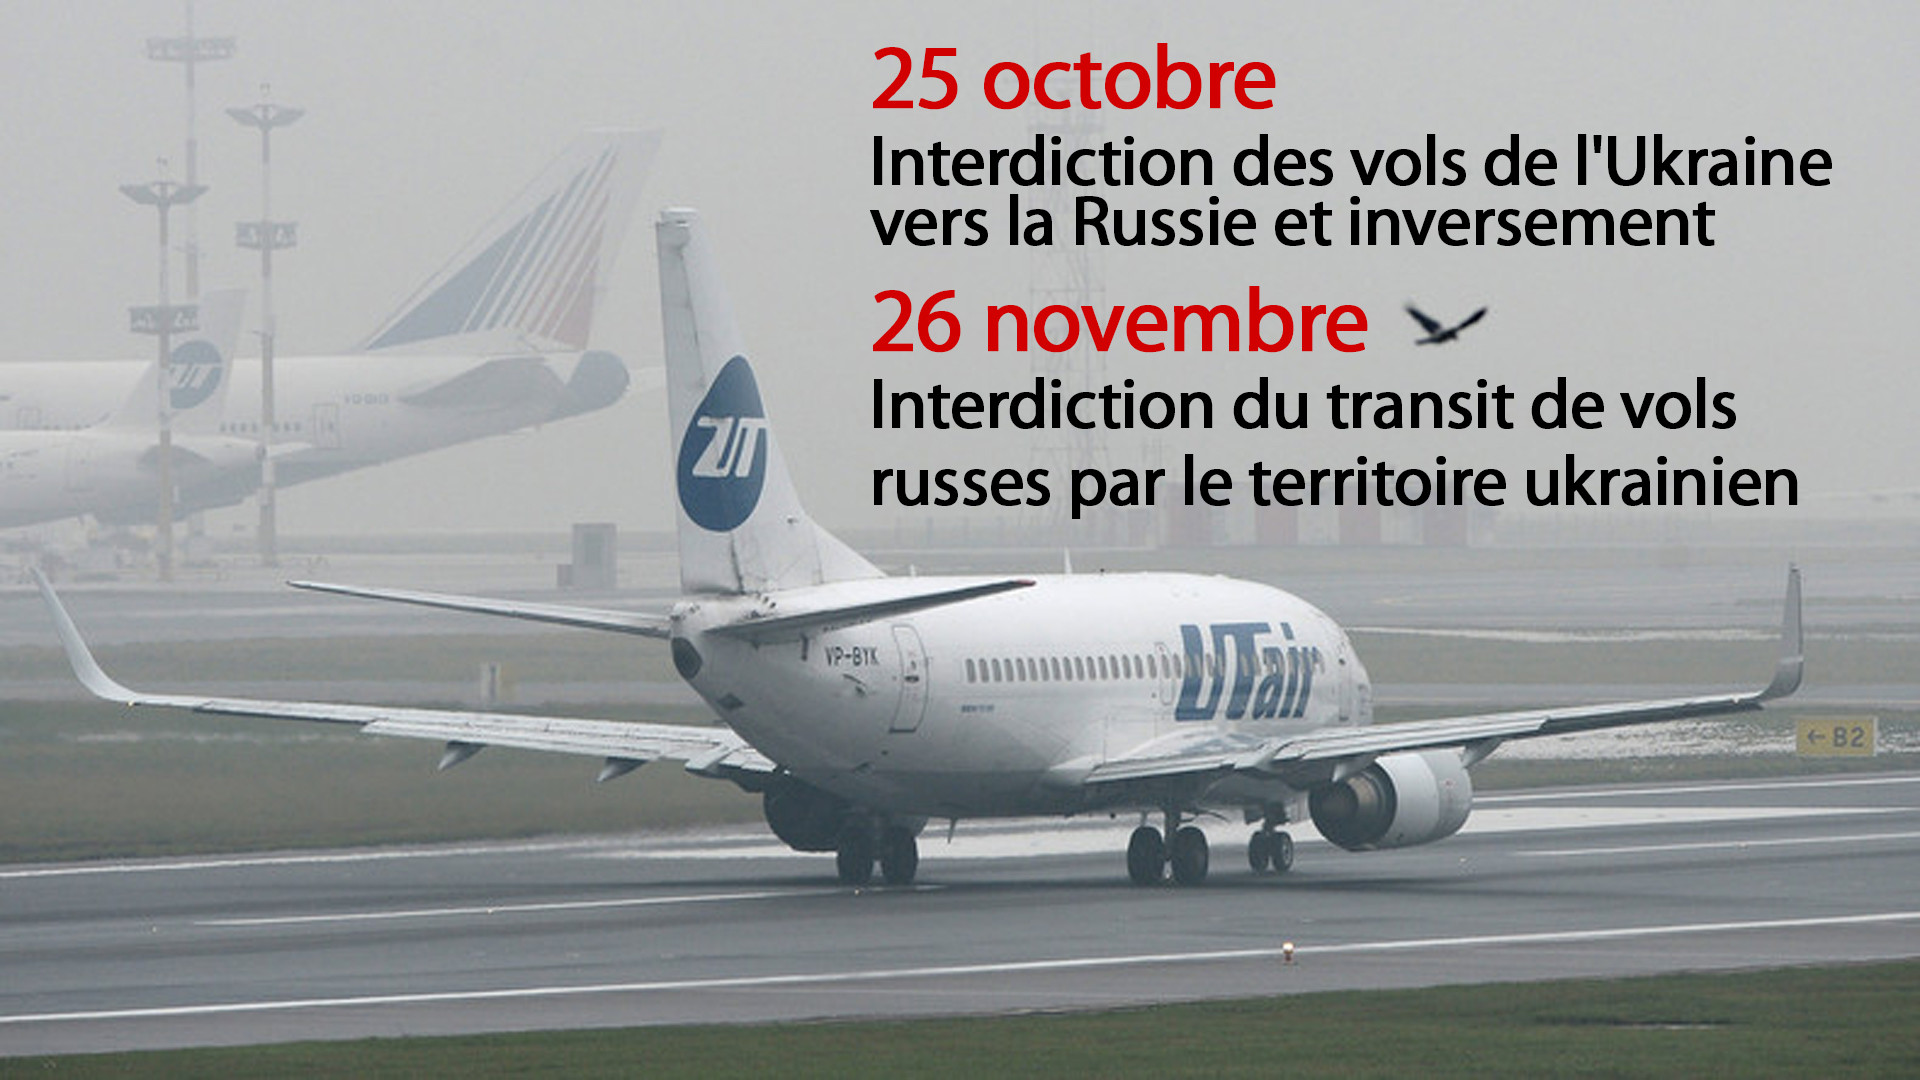 Interdiction du transit de vols russes par le territoire ukrainien : conséquences en images